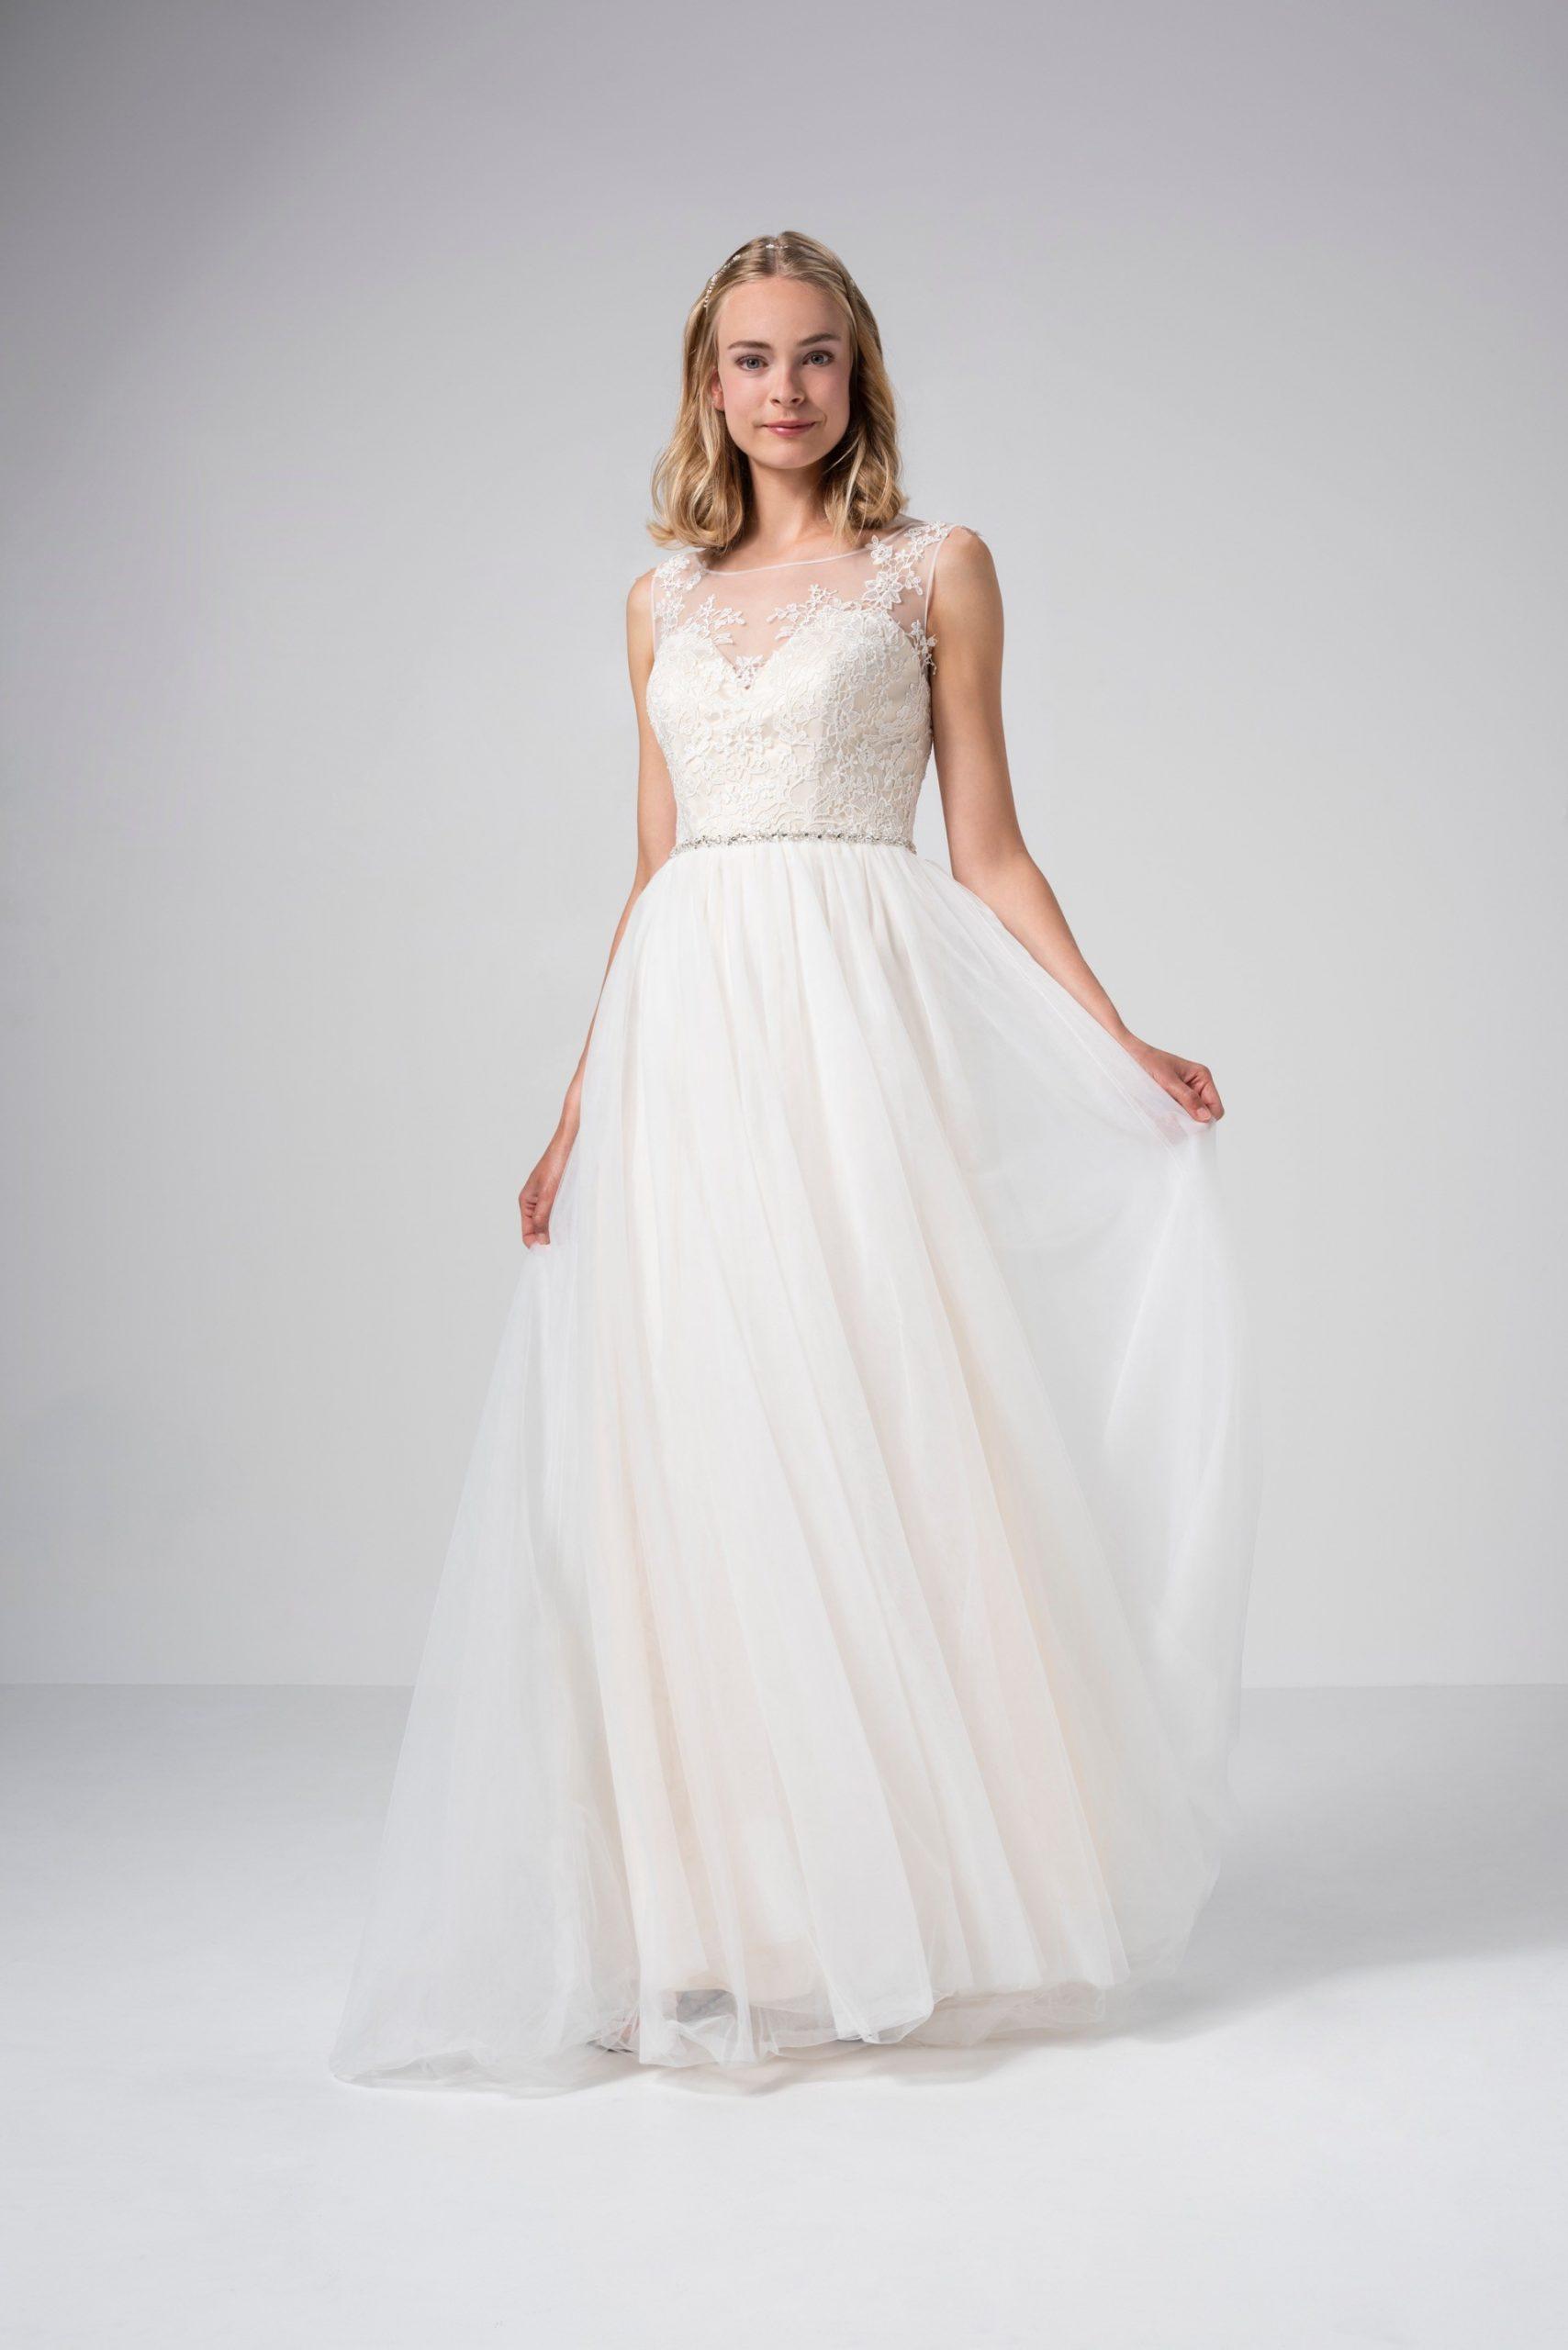 Perfekt Weise Brautkleider Design15 Wunderbar Weise Brautkleider Spezialgebiet